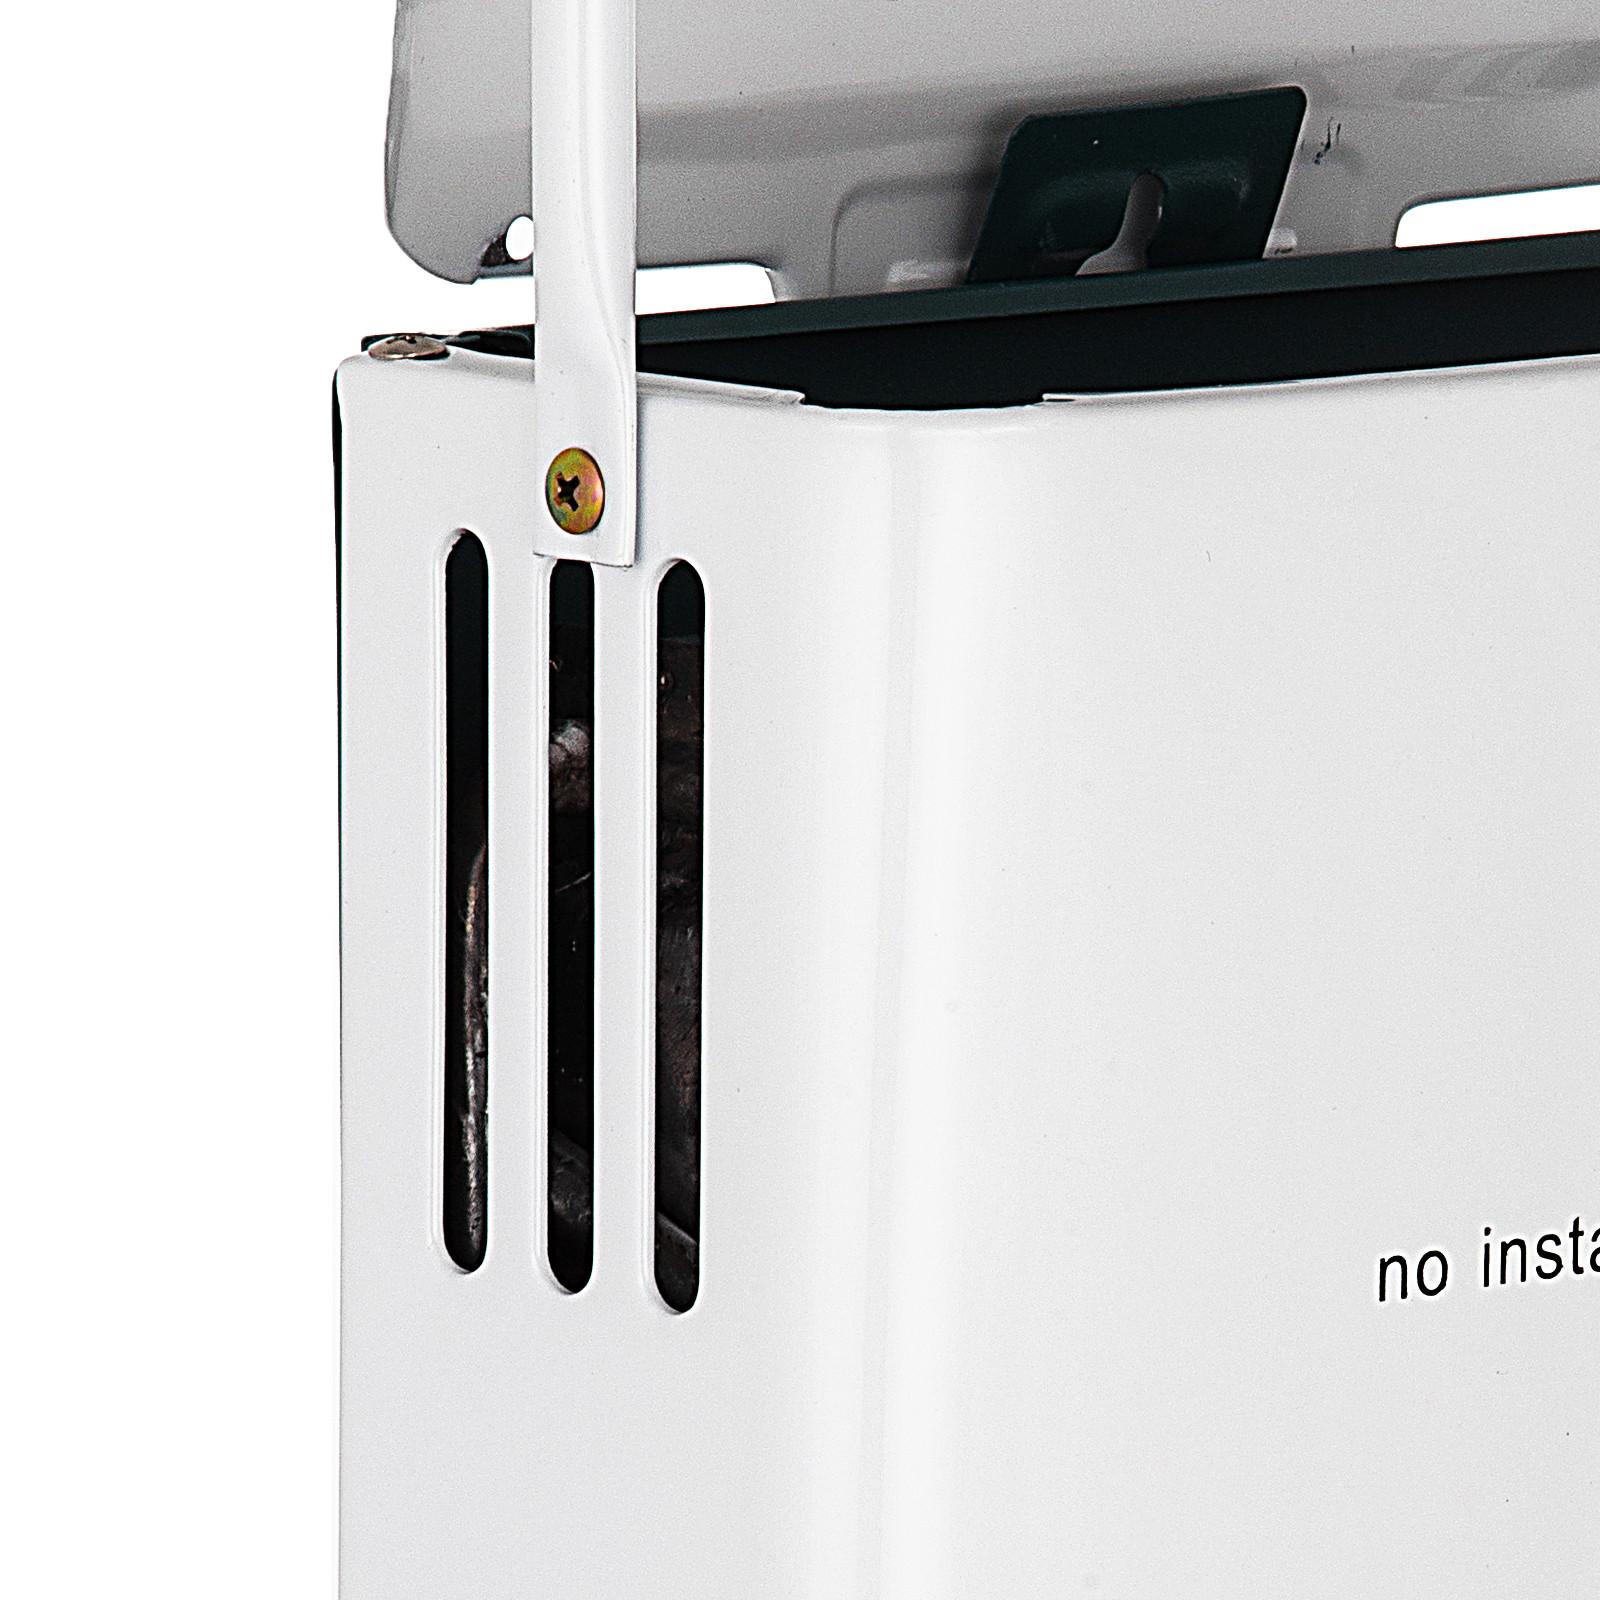 Propangas-Gas-Durchlauferhitzer-Warmwasserbereiter-Boiler-Warmwasserspeicher Indexbild 20